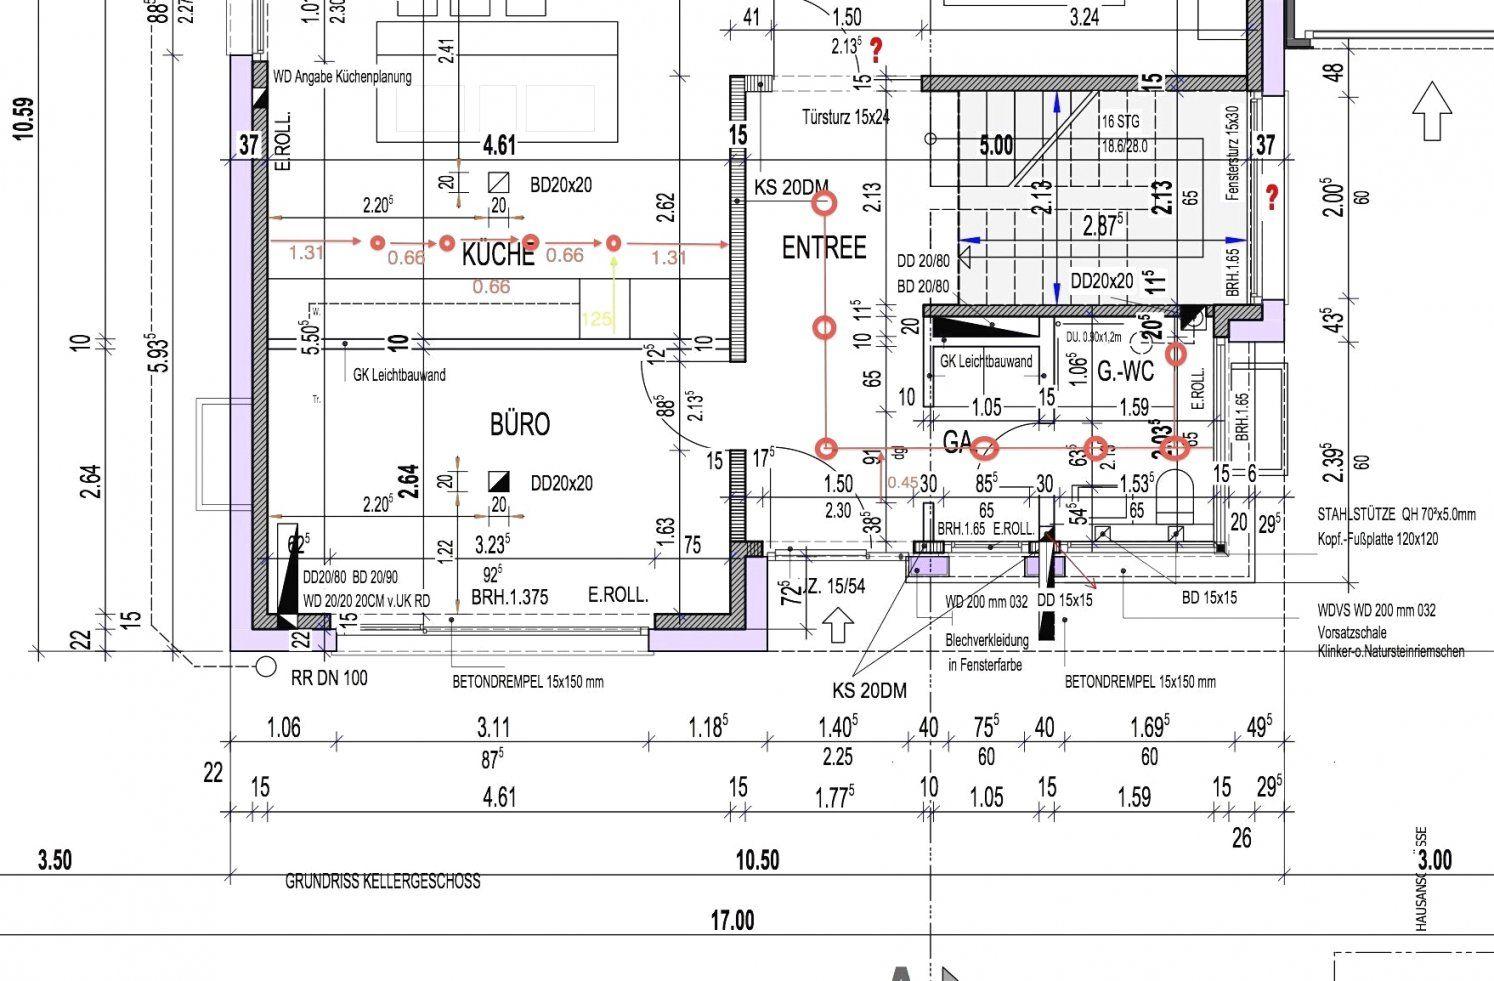 Led Spots Decke Abstand Mit Wunderbar Led Einbaustrahler Planung In von Led Einbaustrahler Abstand Zueinander Bild